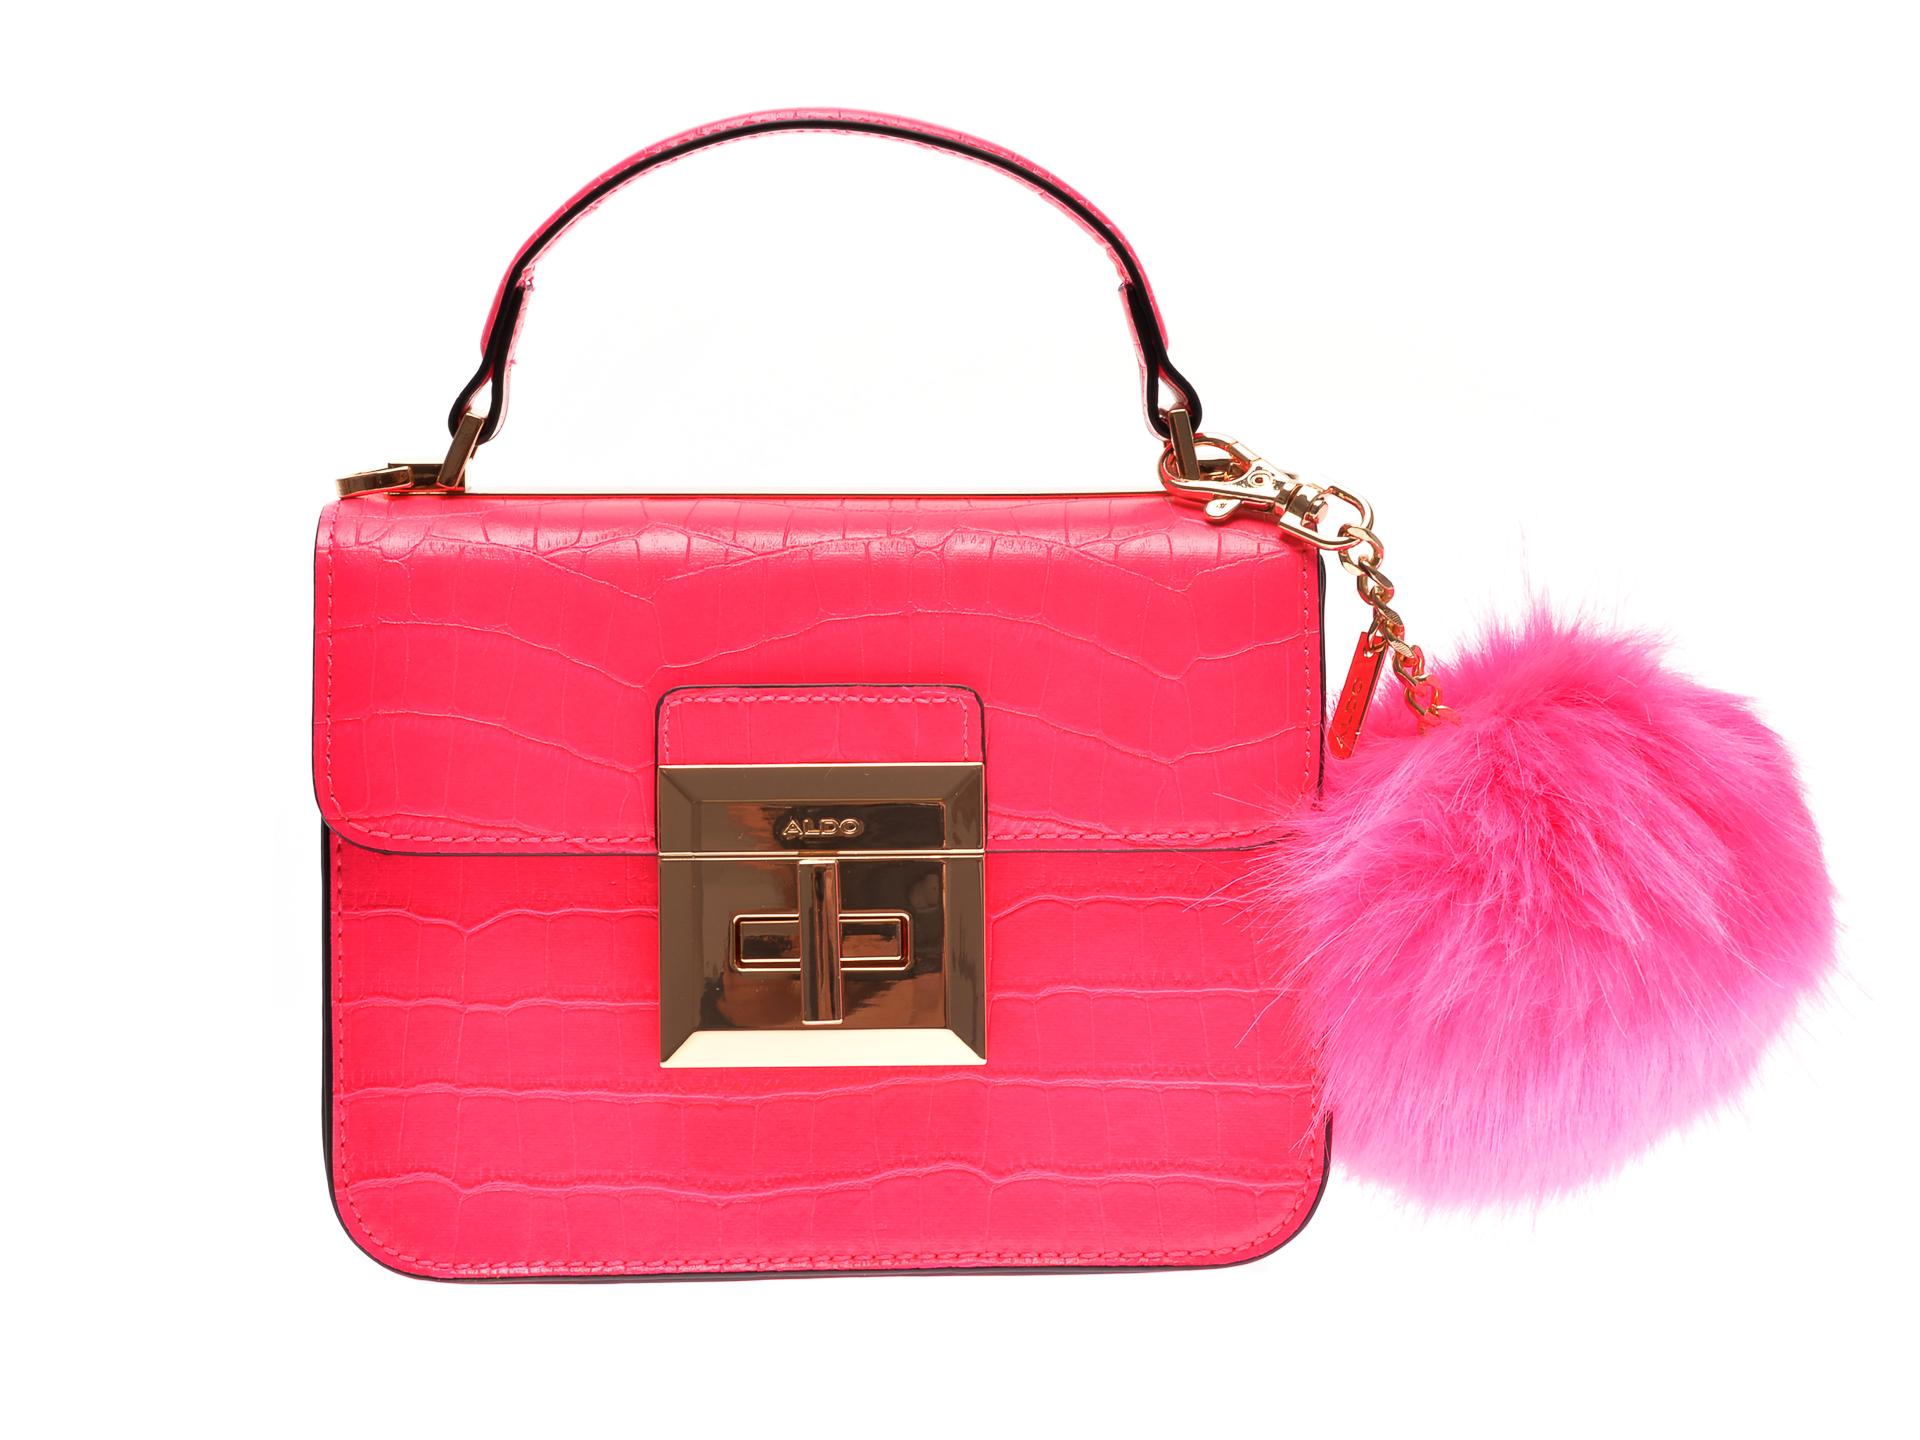 Poseta ALDO roz, Chiadda670, din piele ecologica New